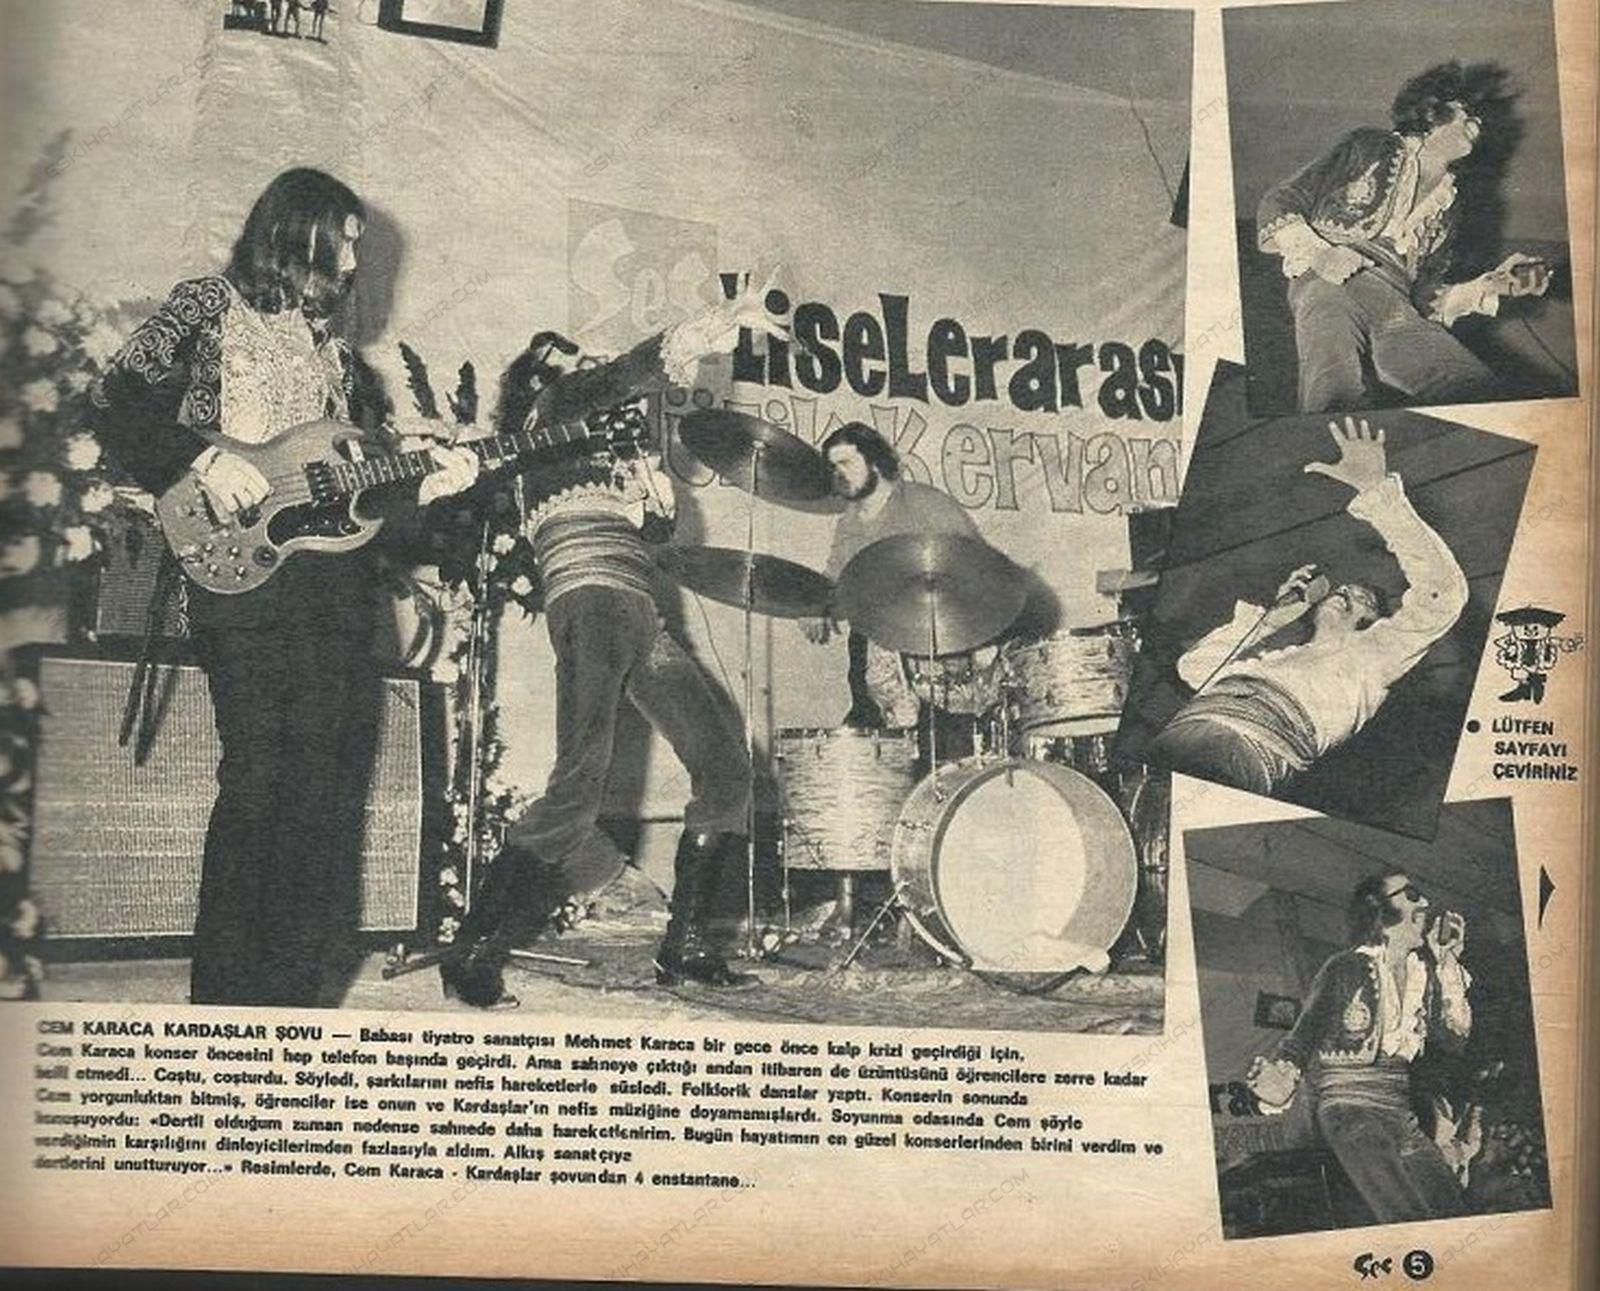 0121-liselerarasi-muzik-yarismasi-1972-ses-dergisi-cem-karaca-esin-afsar-selda-bagcan-konser-fotograflari-muzik-kervani (4)